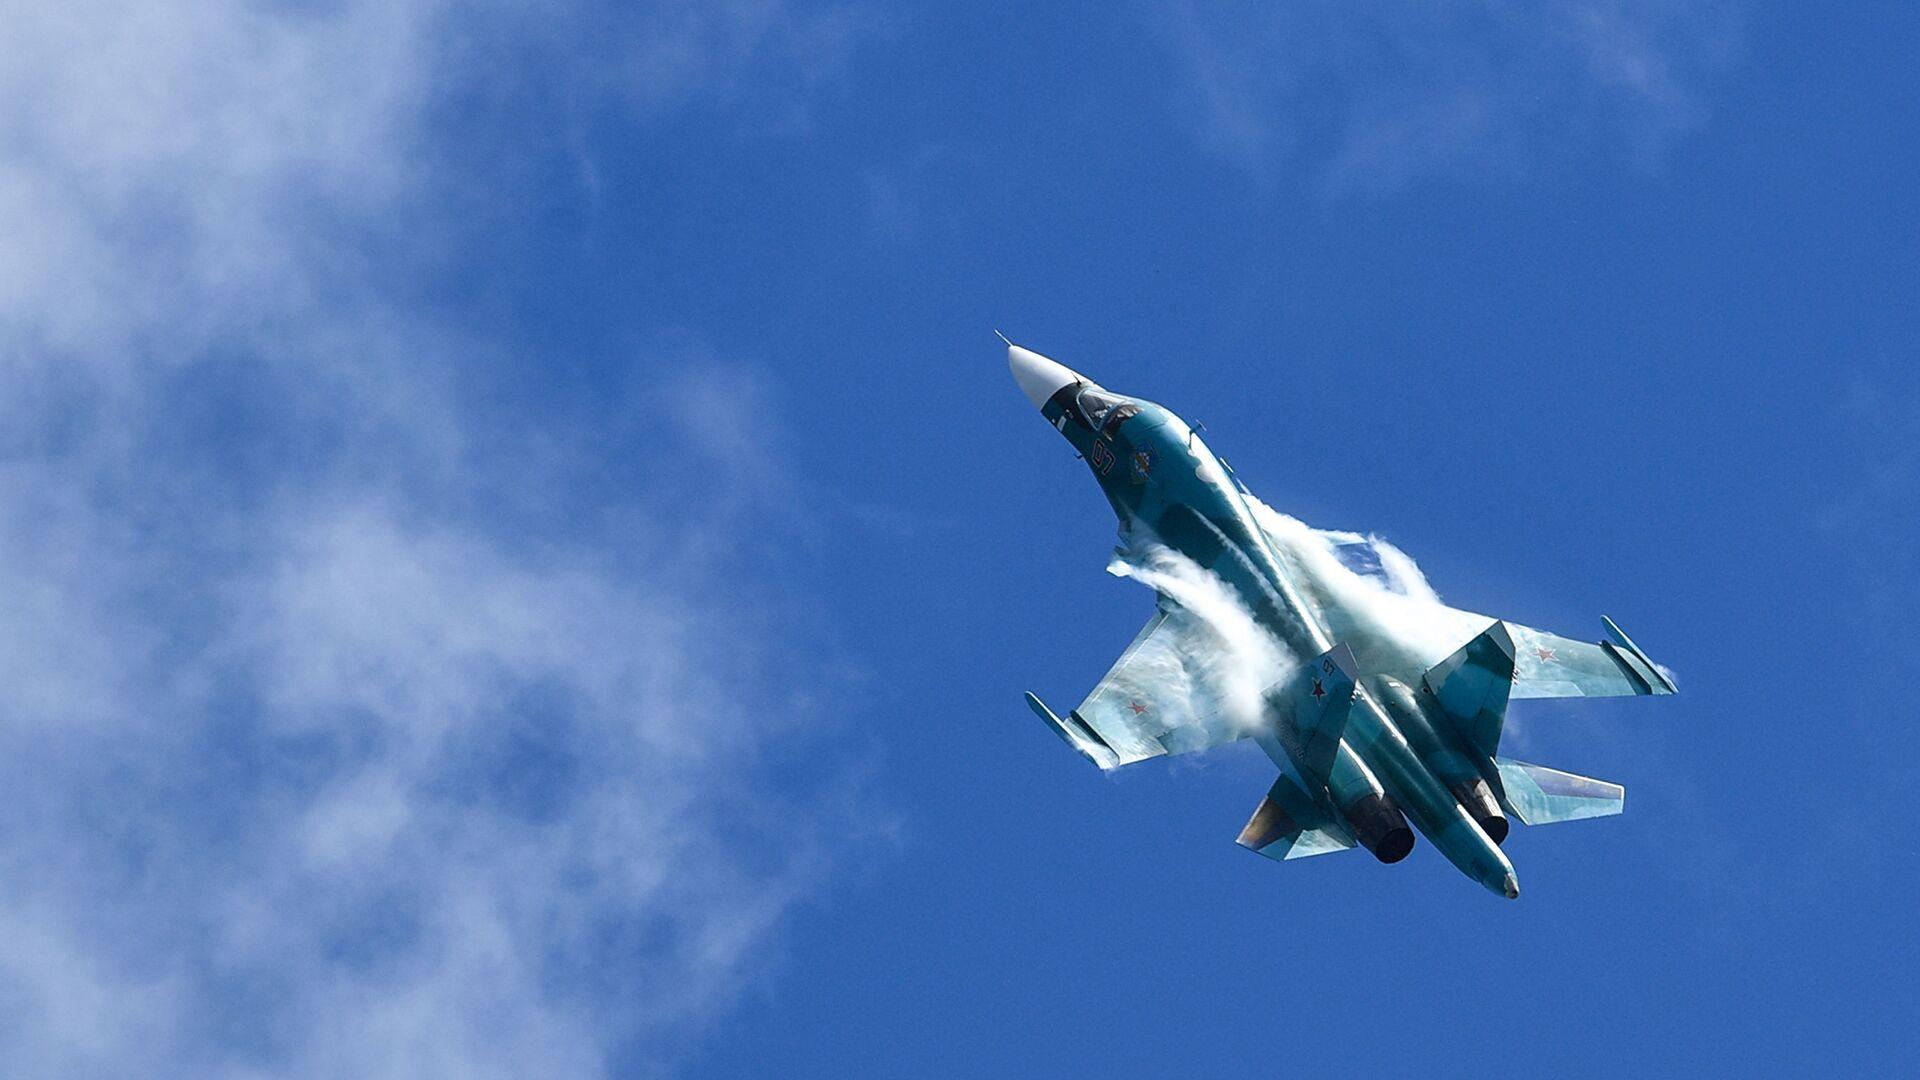 Истребитель-бомбардировщик Су-34 - РИА Новости, 1920, 06.09.2020